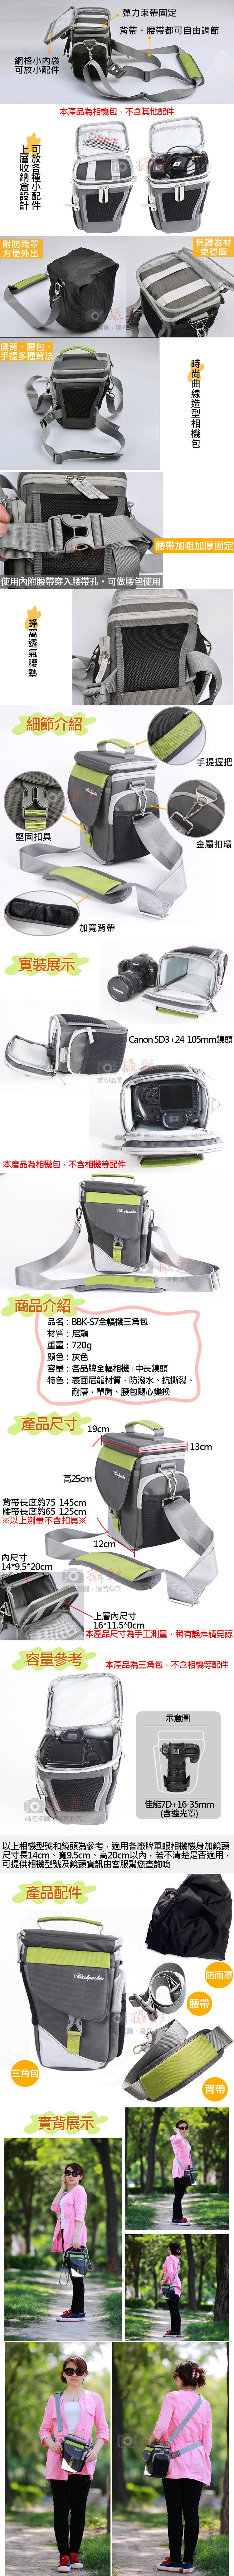 幸運草@BBK-S7全幅機三角包 單眼相機包 攝影配件 槍包 一機一鏡 附防雨罩 腰帶 腰包 側背包 肩背 防潑水